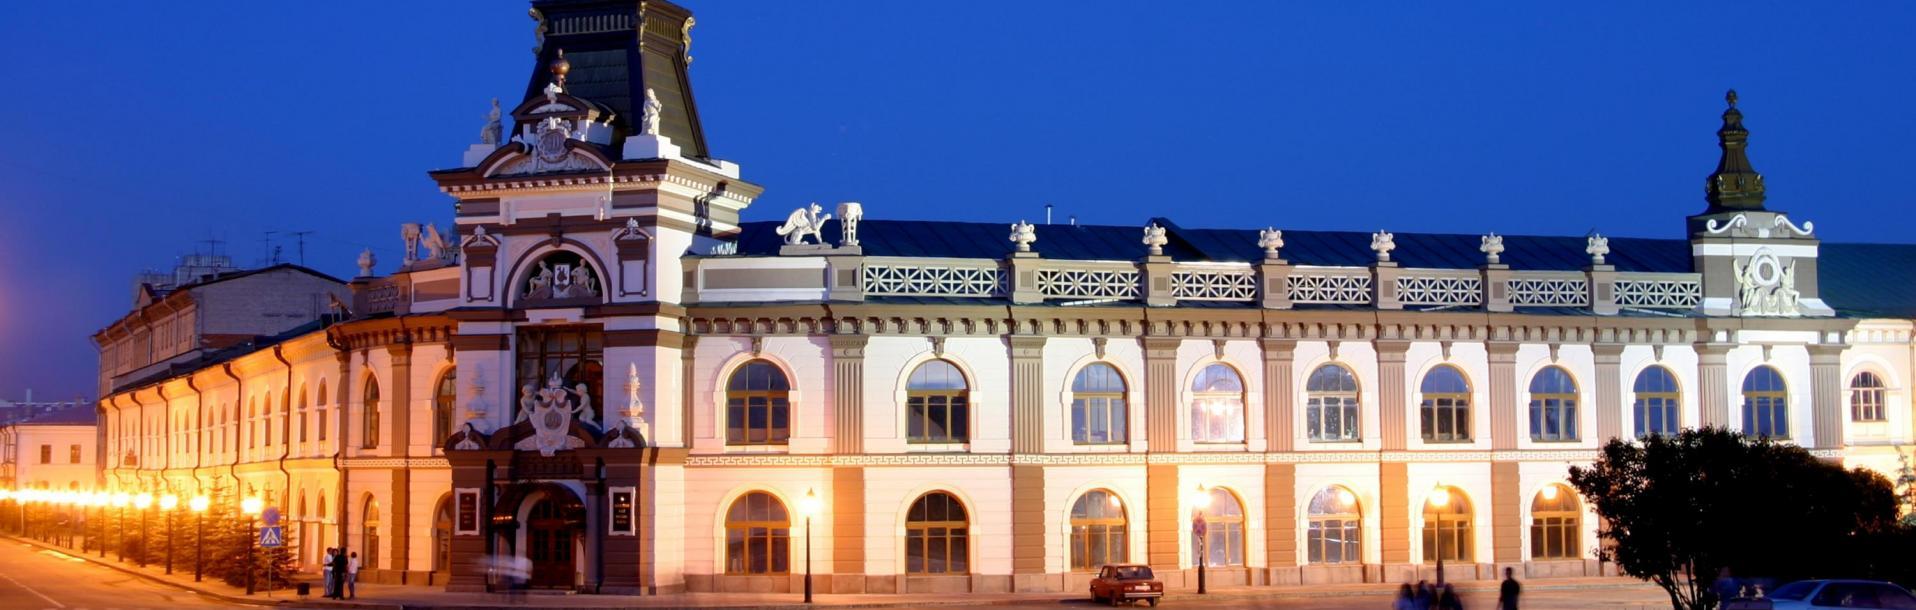 Музеи Казани